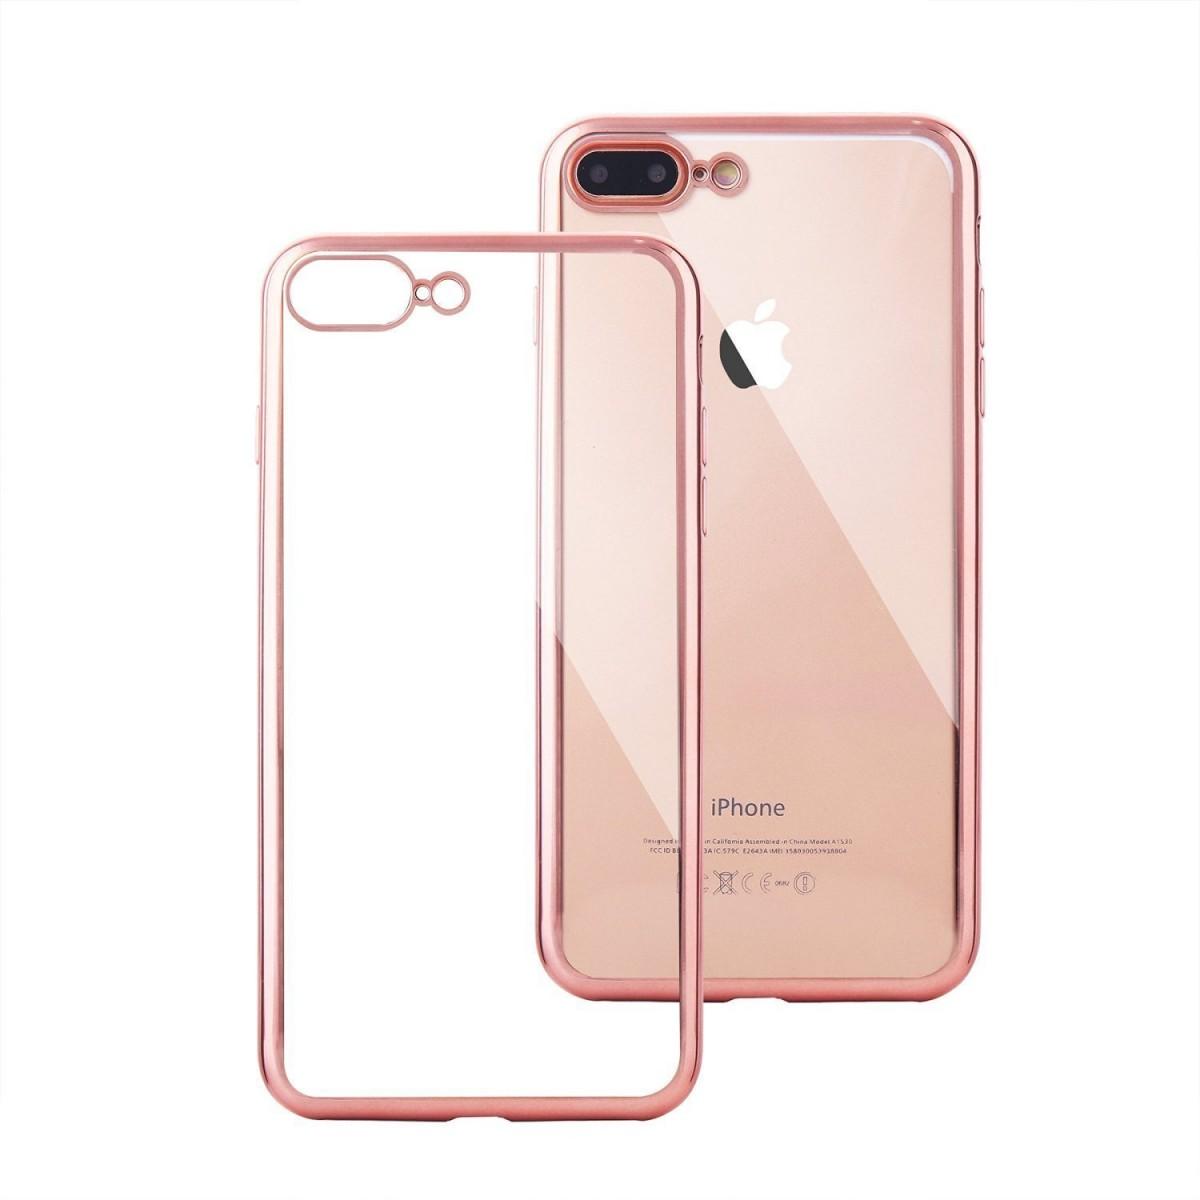 Elegantní obal / kryt RING pro iPhone 7 Plus (rose gold)